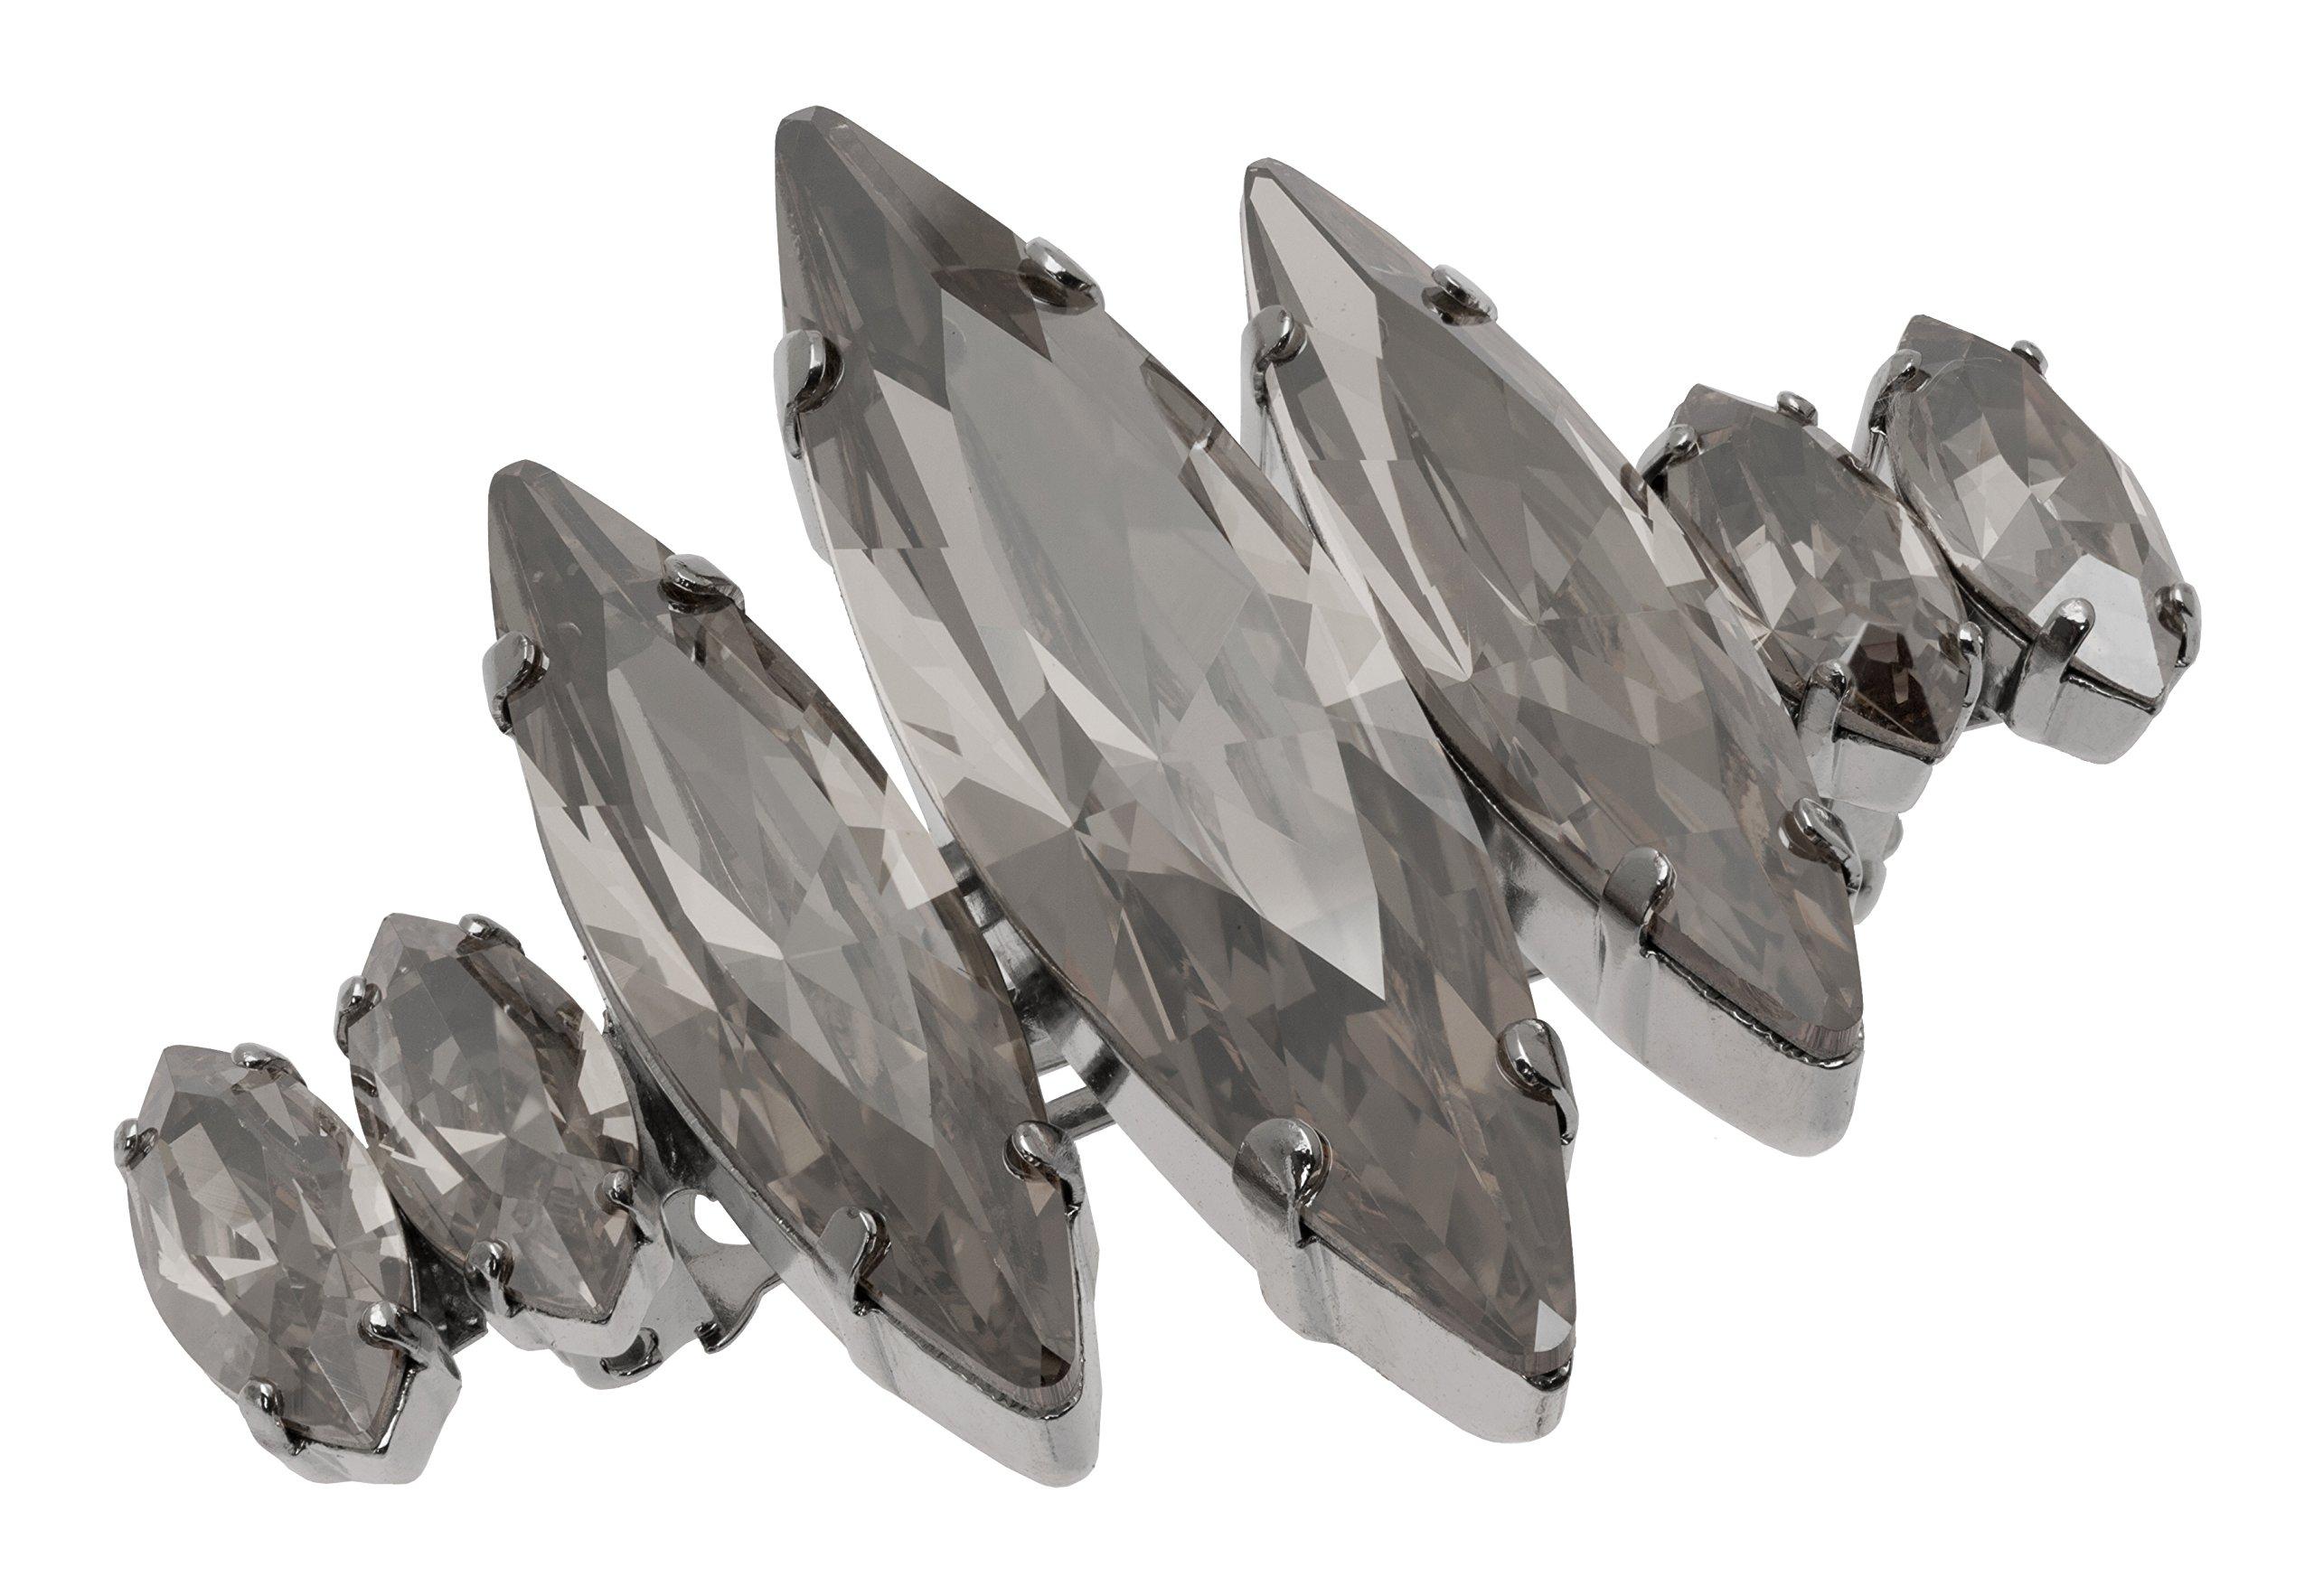 L. Erickson Spike Crystal Barrette - Black Diamond